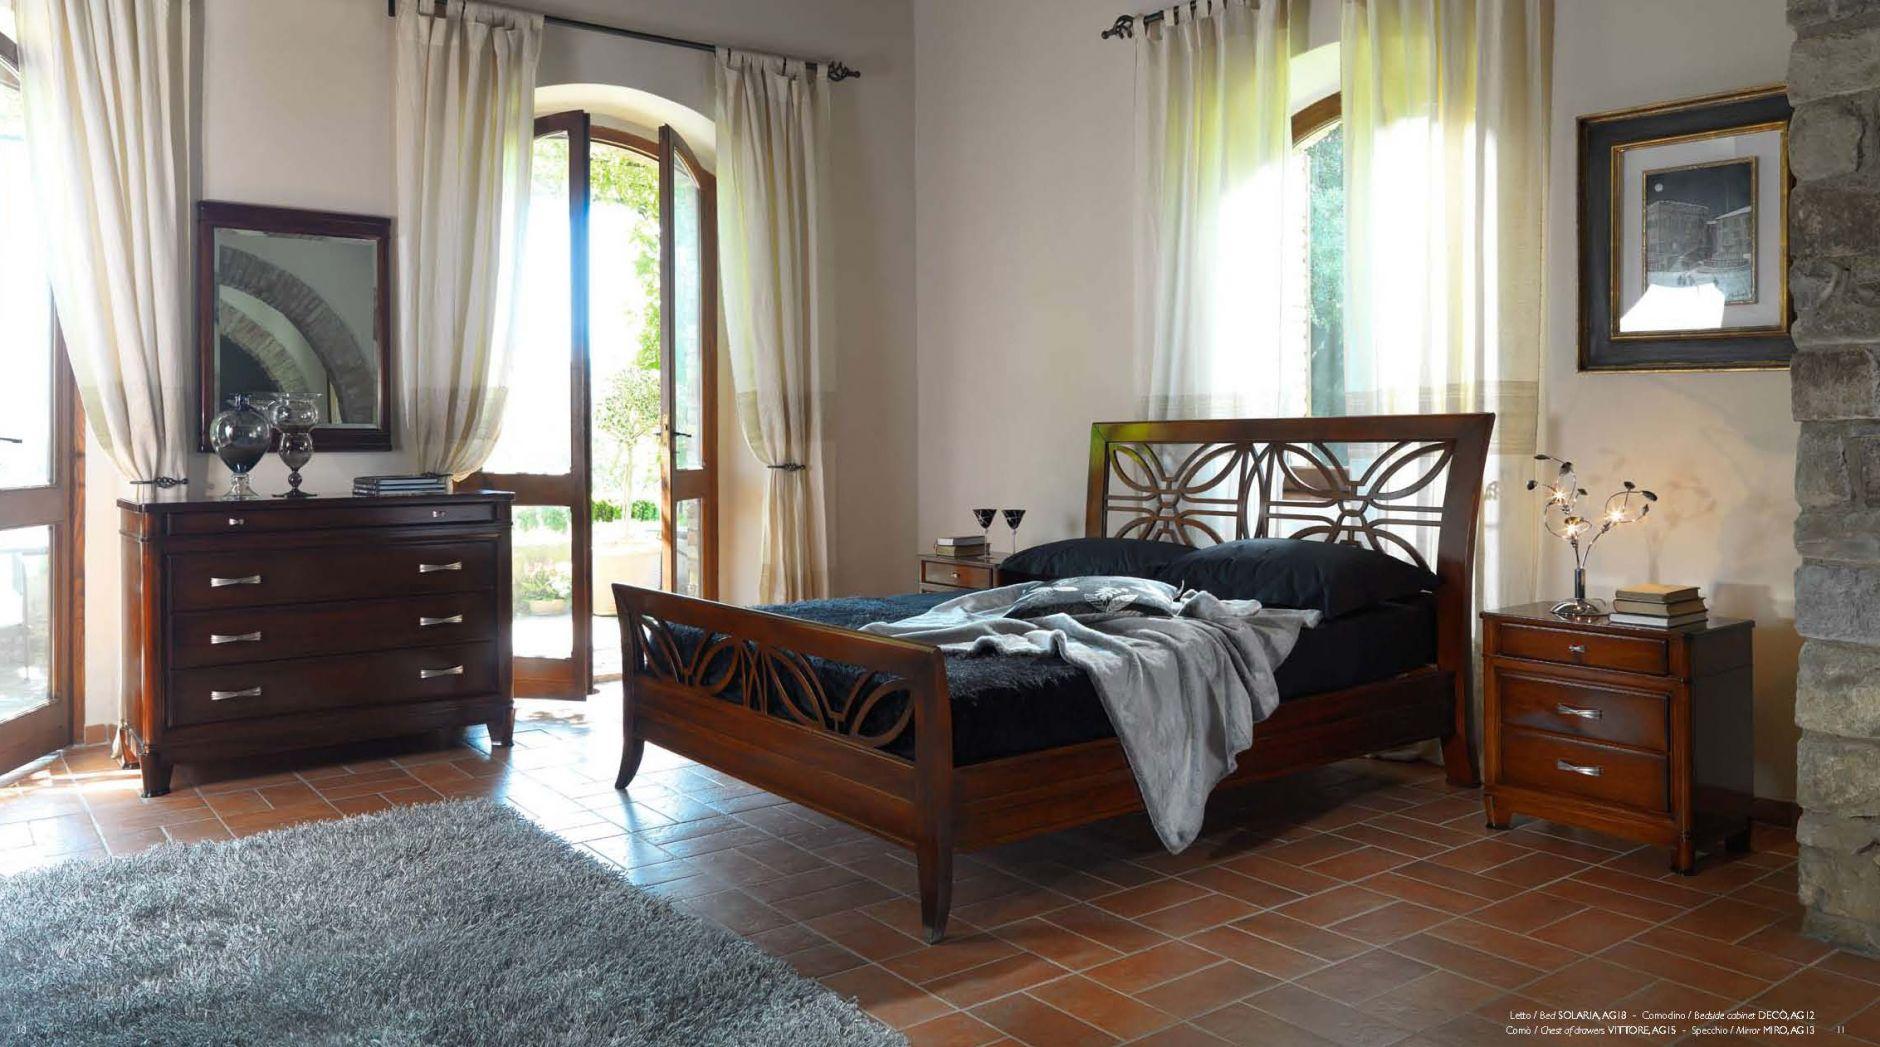 Chambre accademia del mobile victoria solaria srie with meuble italien chambre a coucher - Chambre italienne pas cher ...